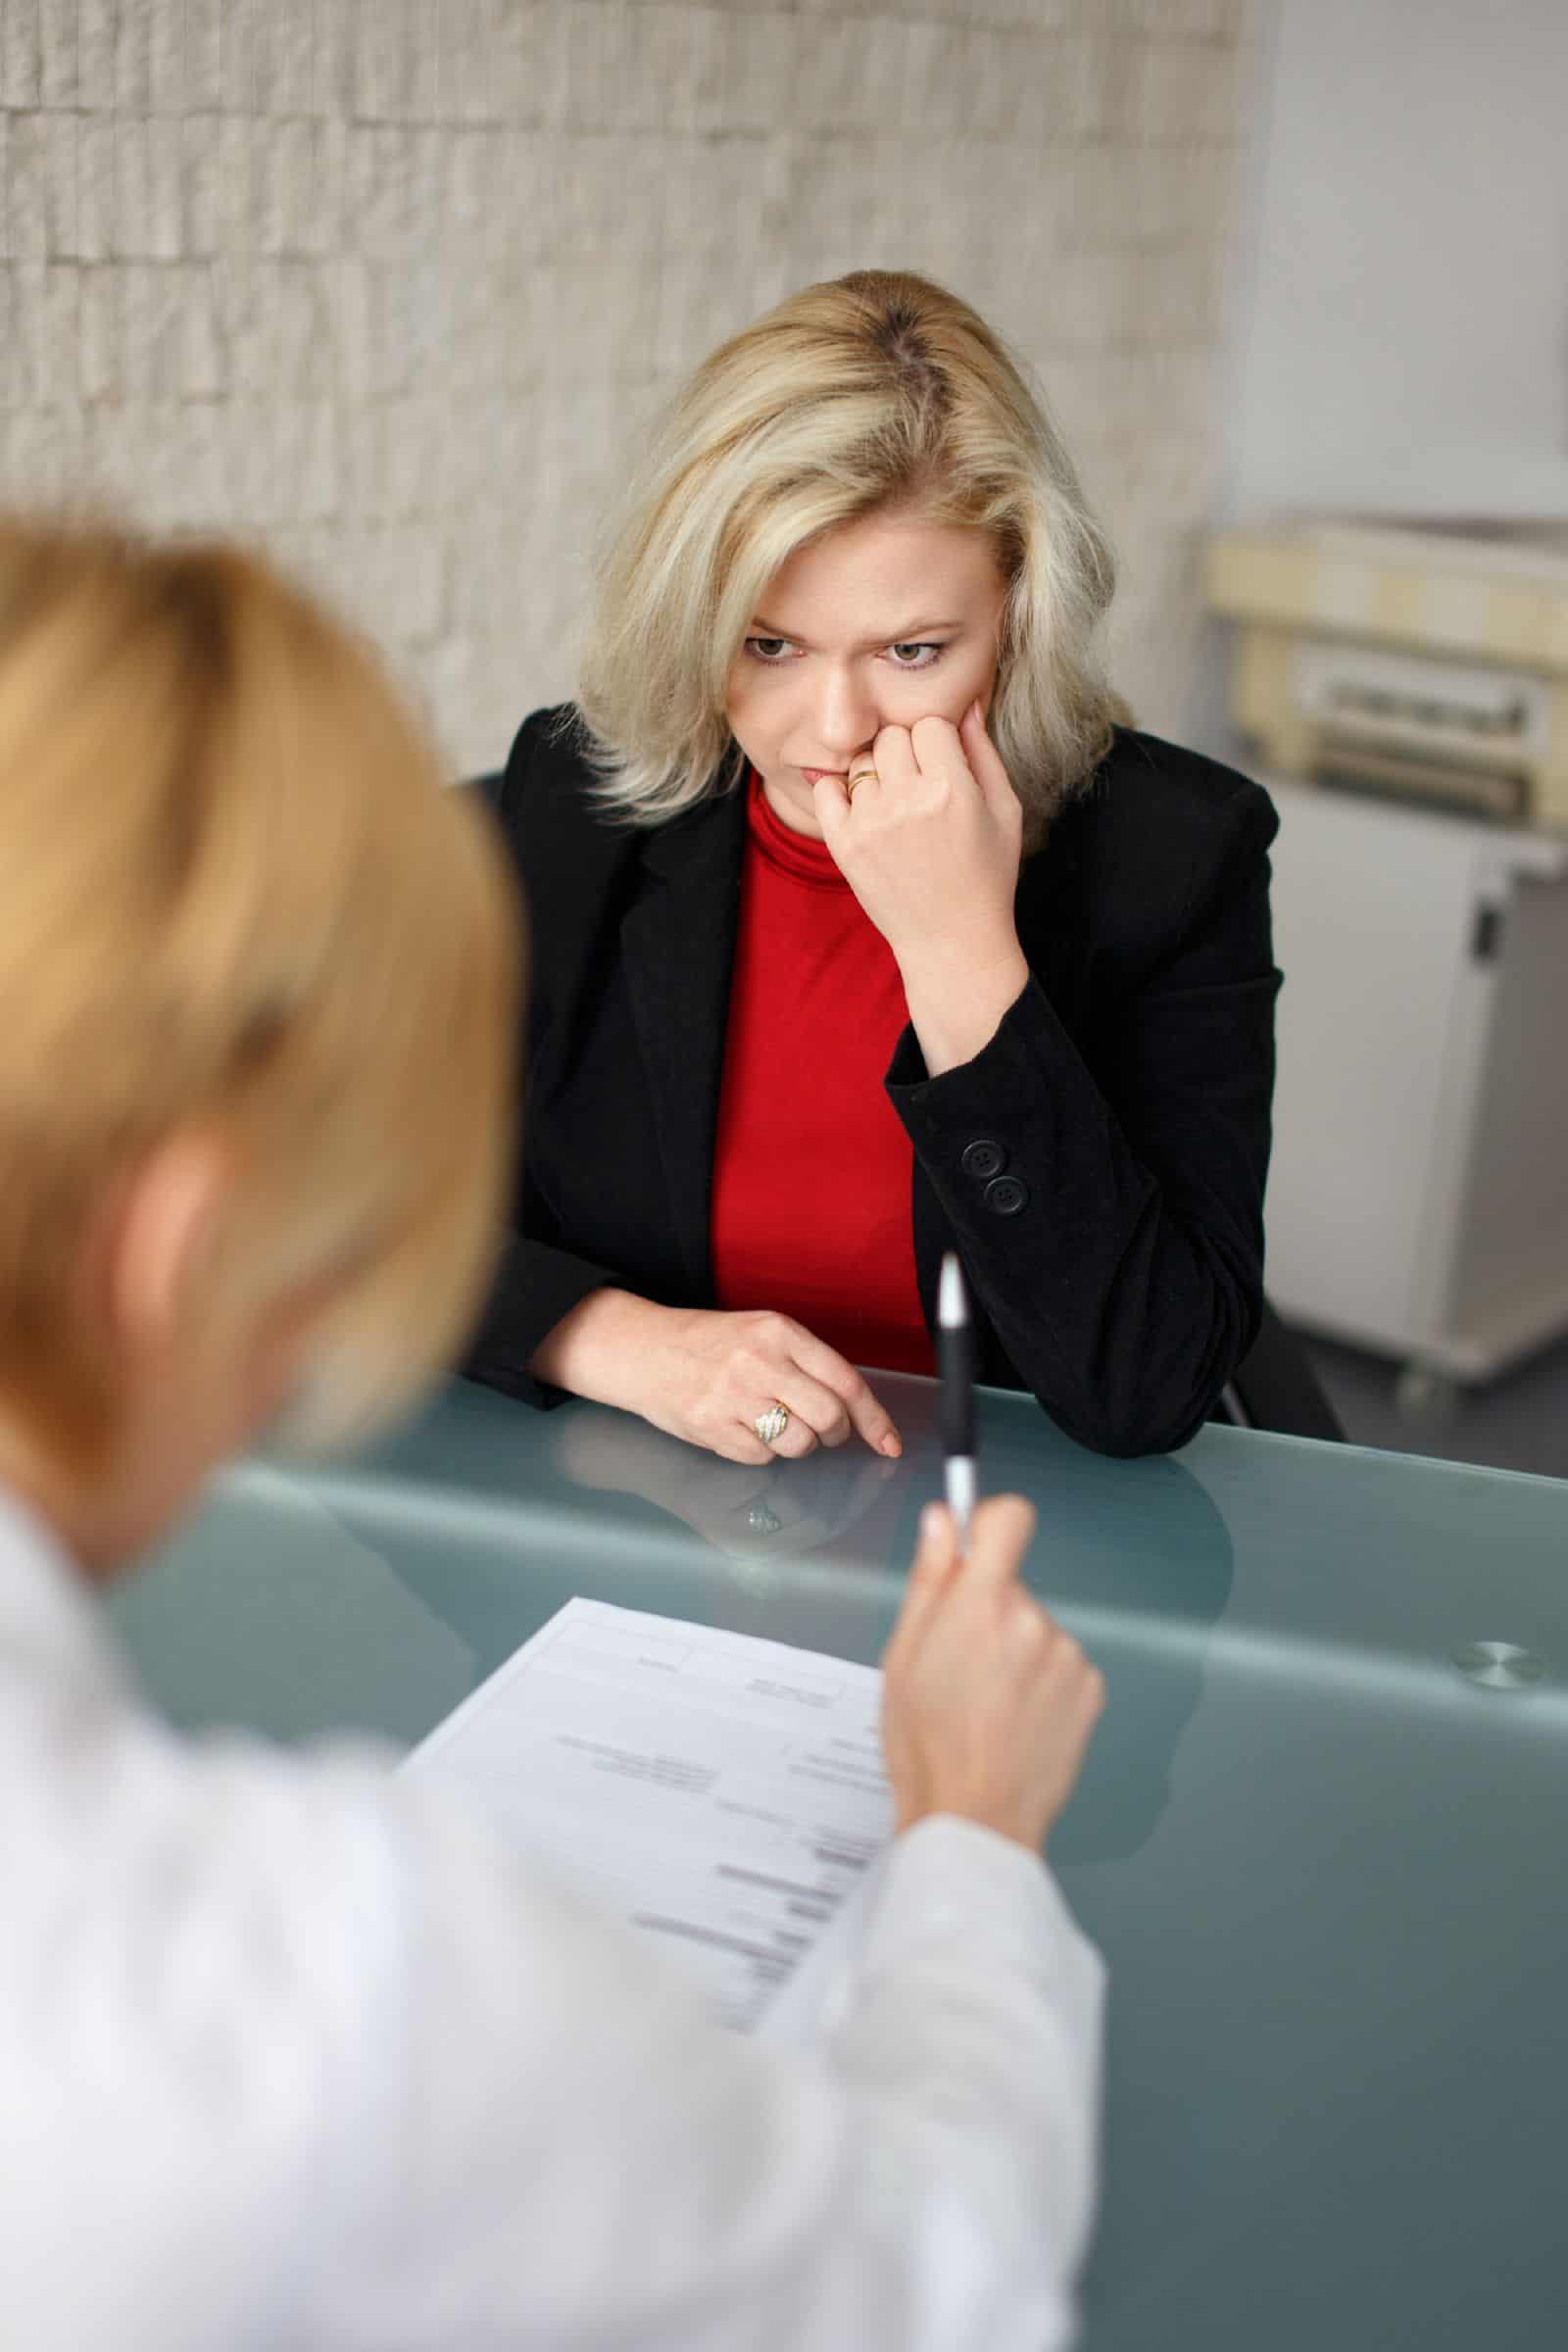 Что делать если работодатель заставляет написать об уходе по собственному желанию